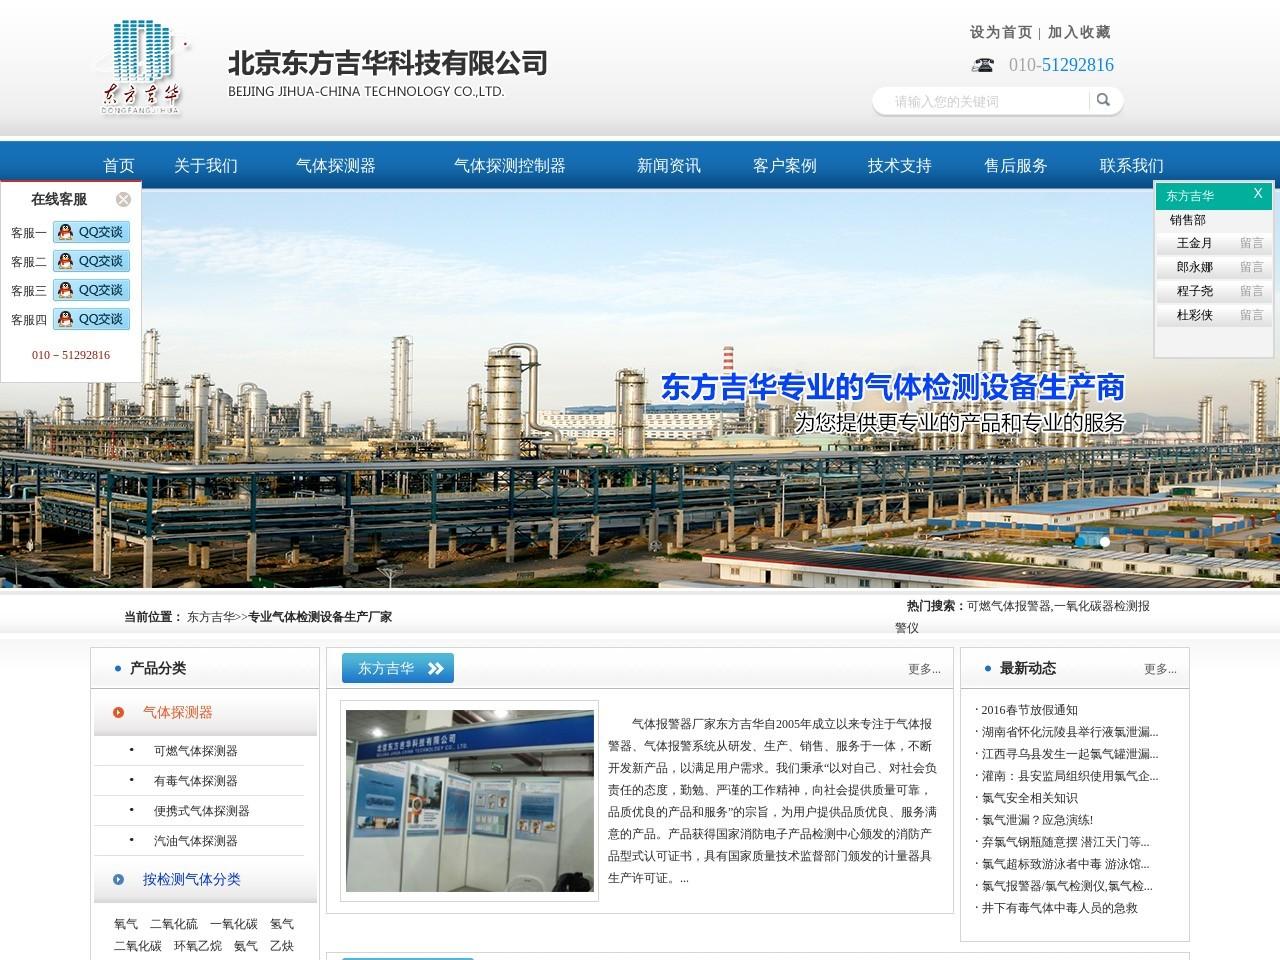 北京东方吉华公司